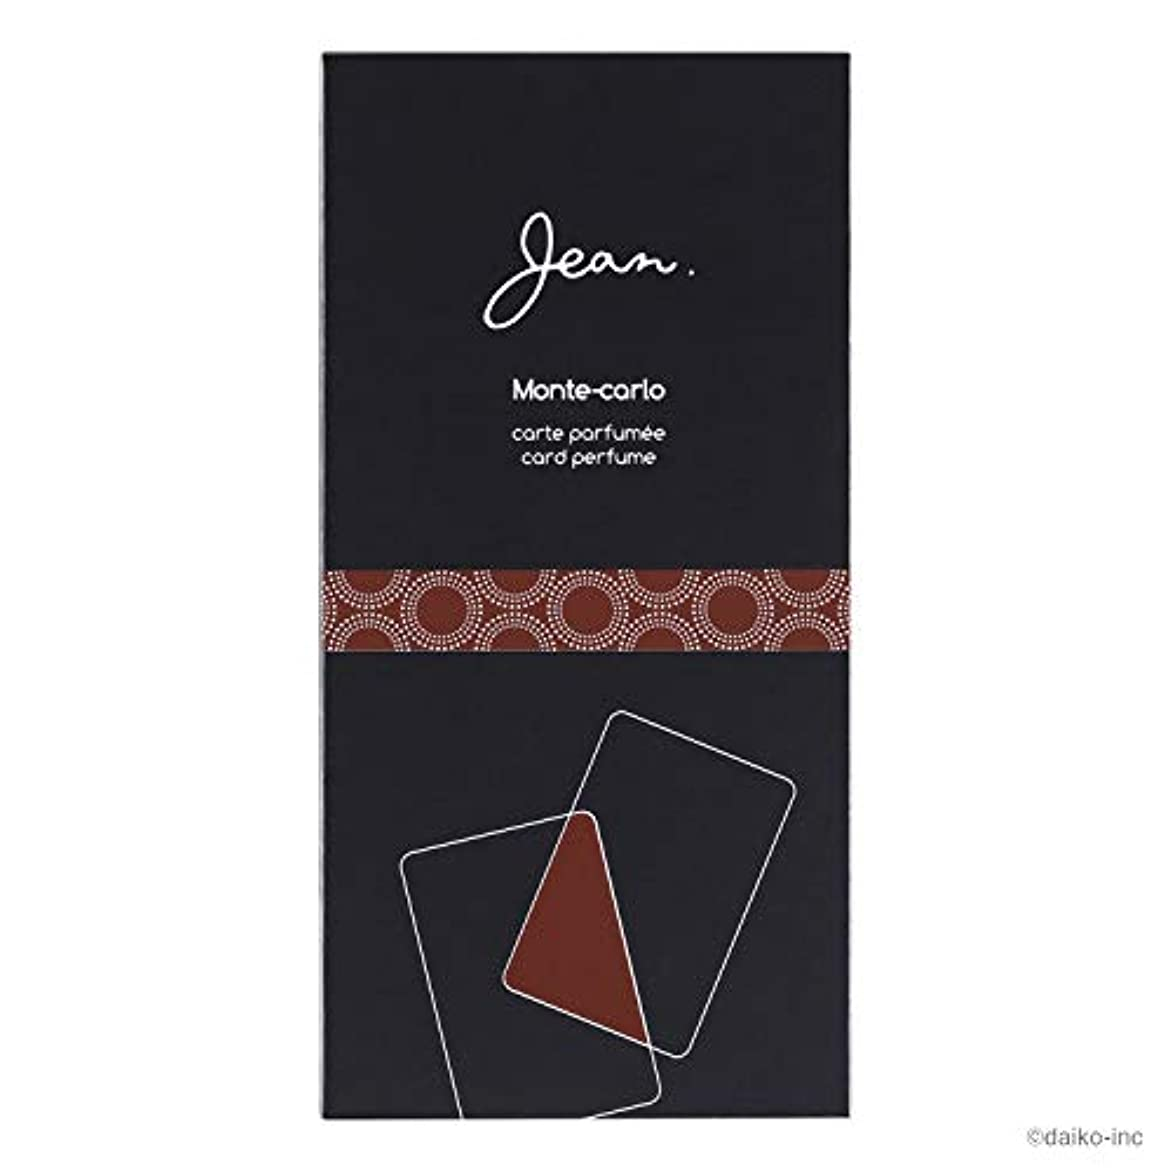 比喩店主童謡Jean.カードパフューム モンテカルロ